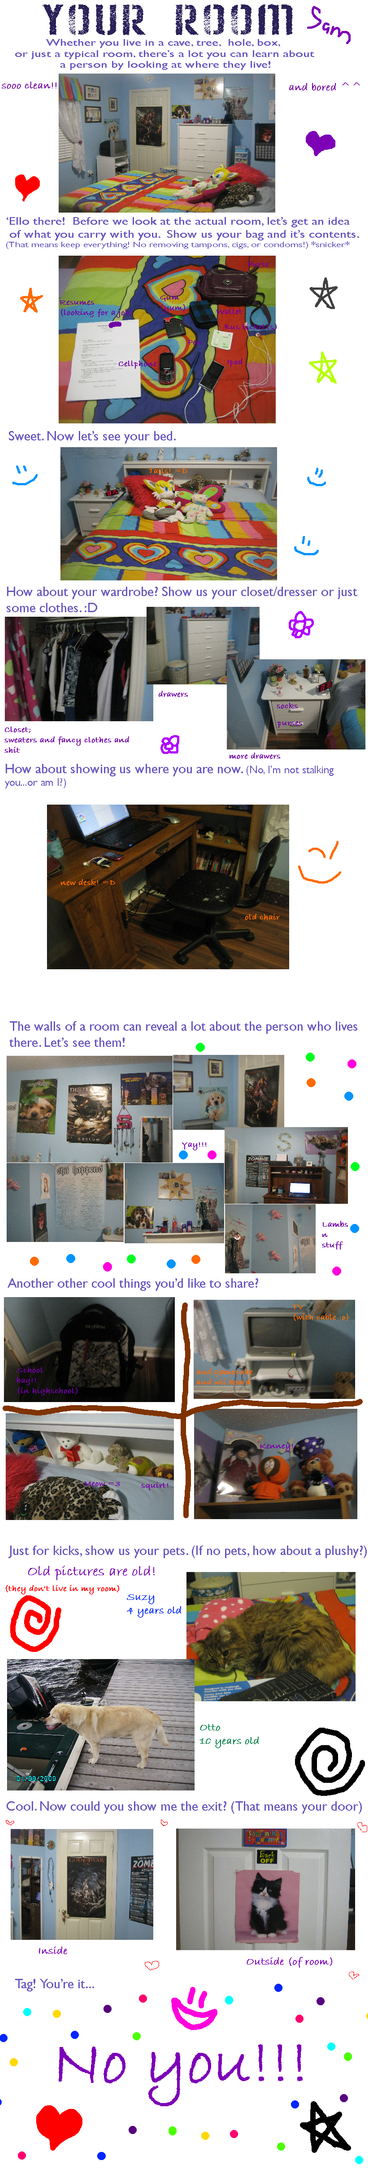 My room meme by samsmash44